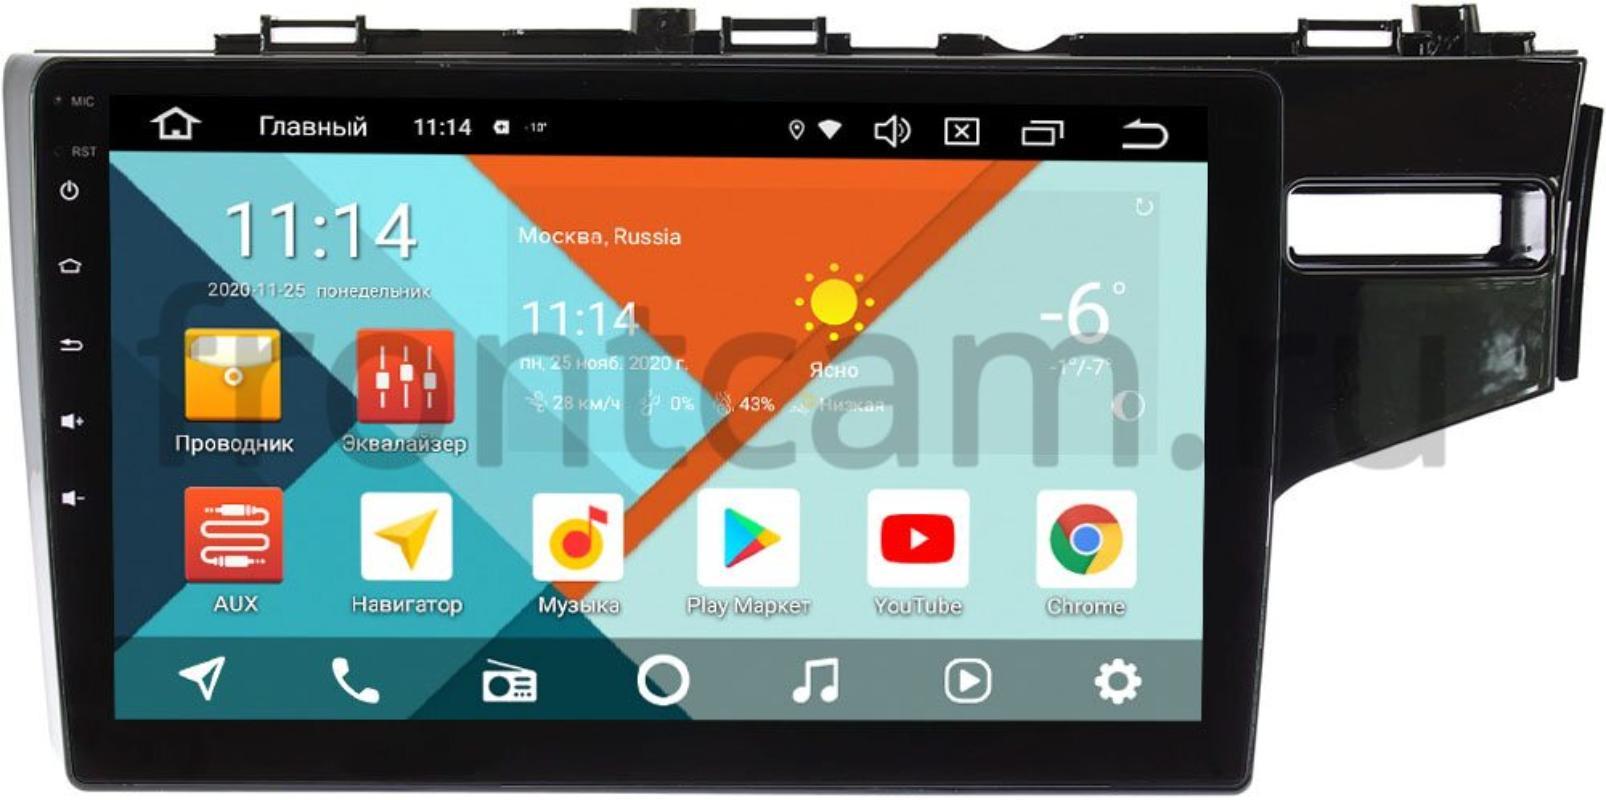 Штатная магнитола Honda Fit III 2013-2021 (правый руль) Wide Media KS10-508QR-3/32 DSP CarPlay 4G-SIM на Android 10 (API 29) (+ Камера заднего вида в подарок!)